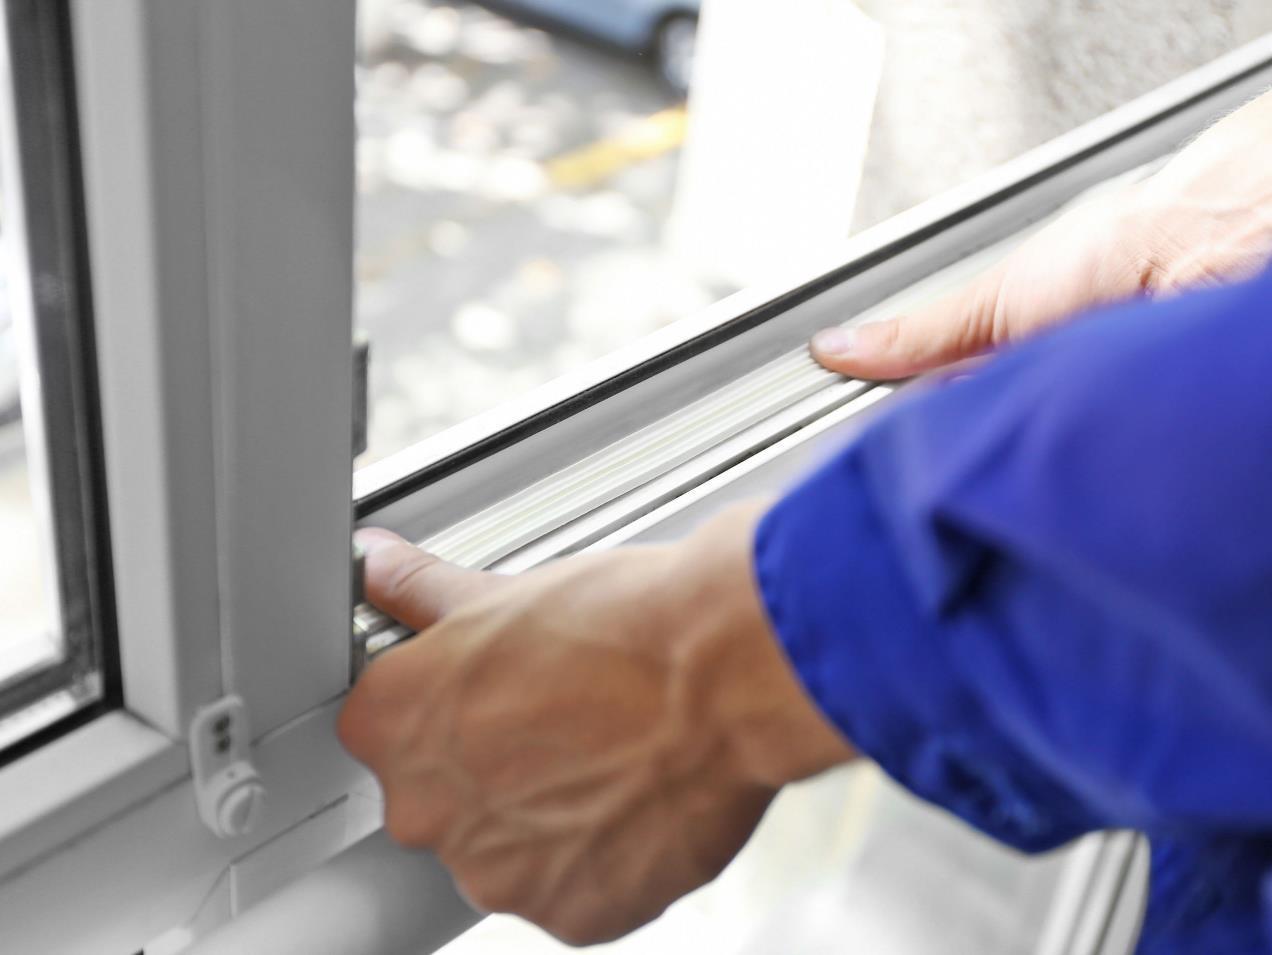 С чего начать утепление балкона, установка окон, технология утепления стен, укладка утеплителя пола